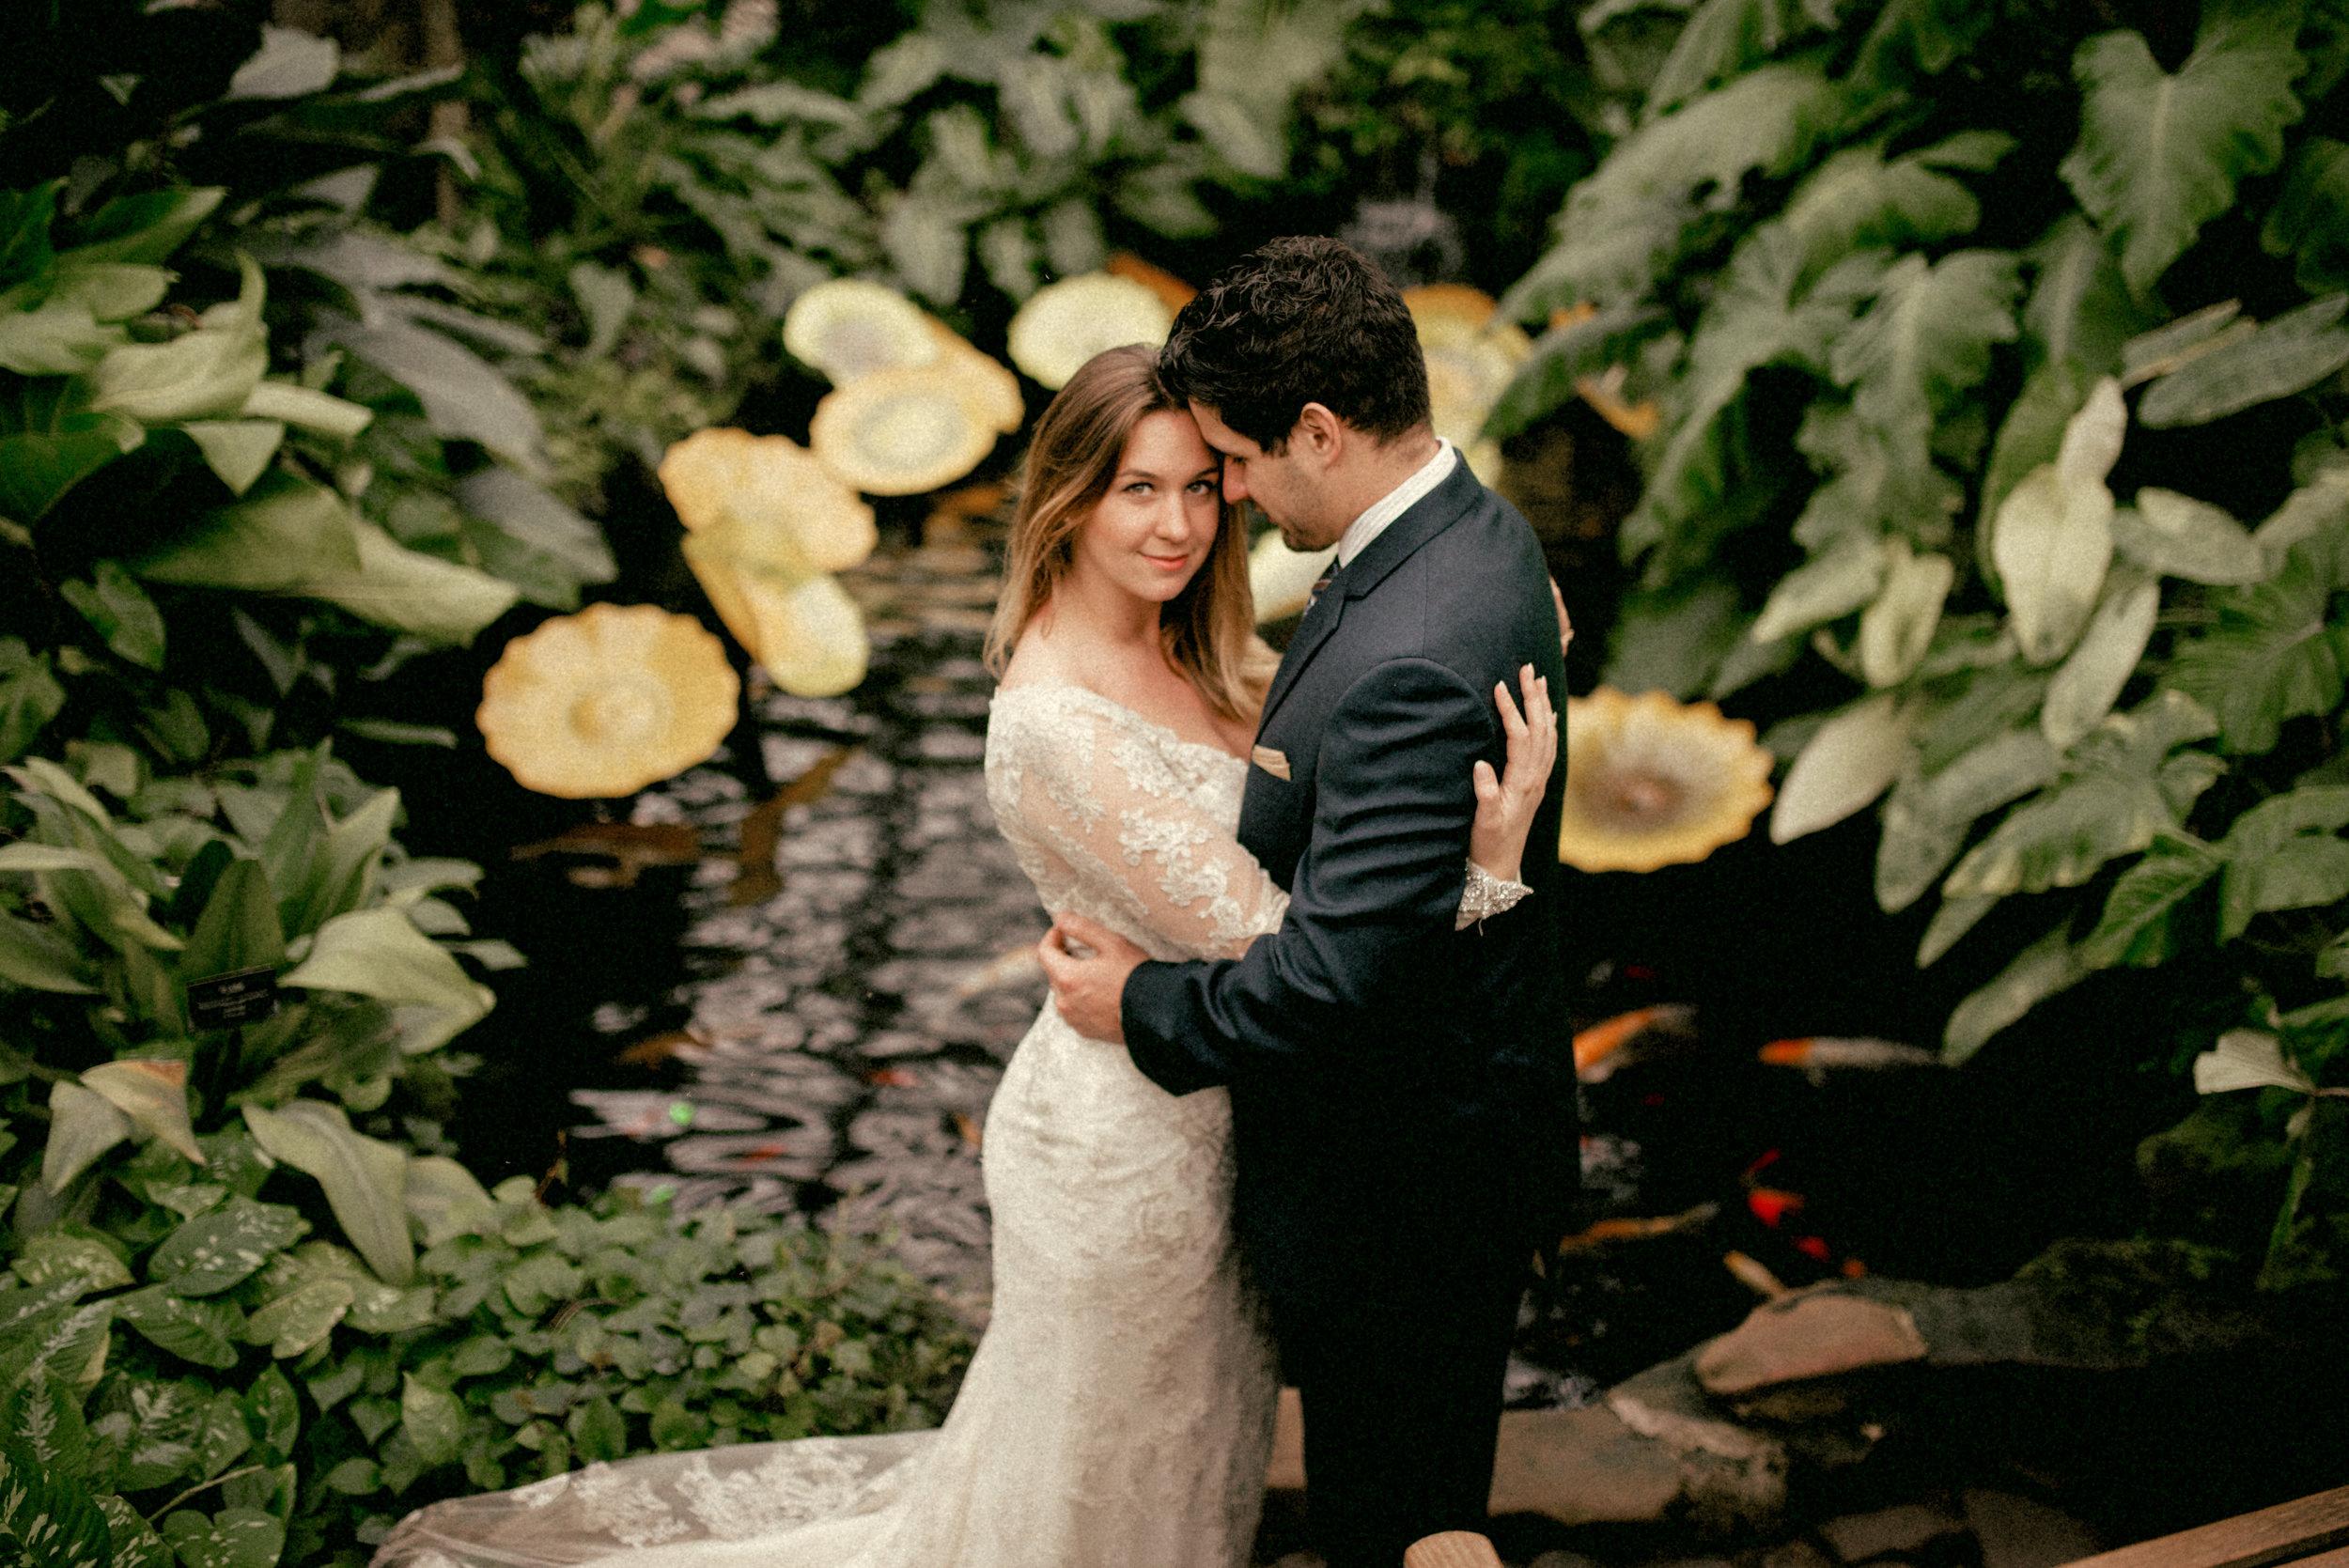 garfield park conservatory chicago wedding 41